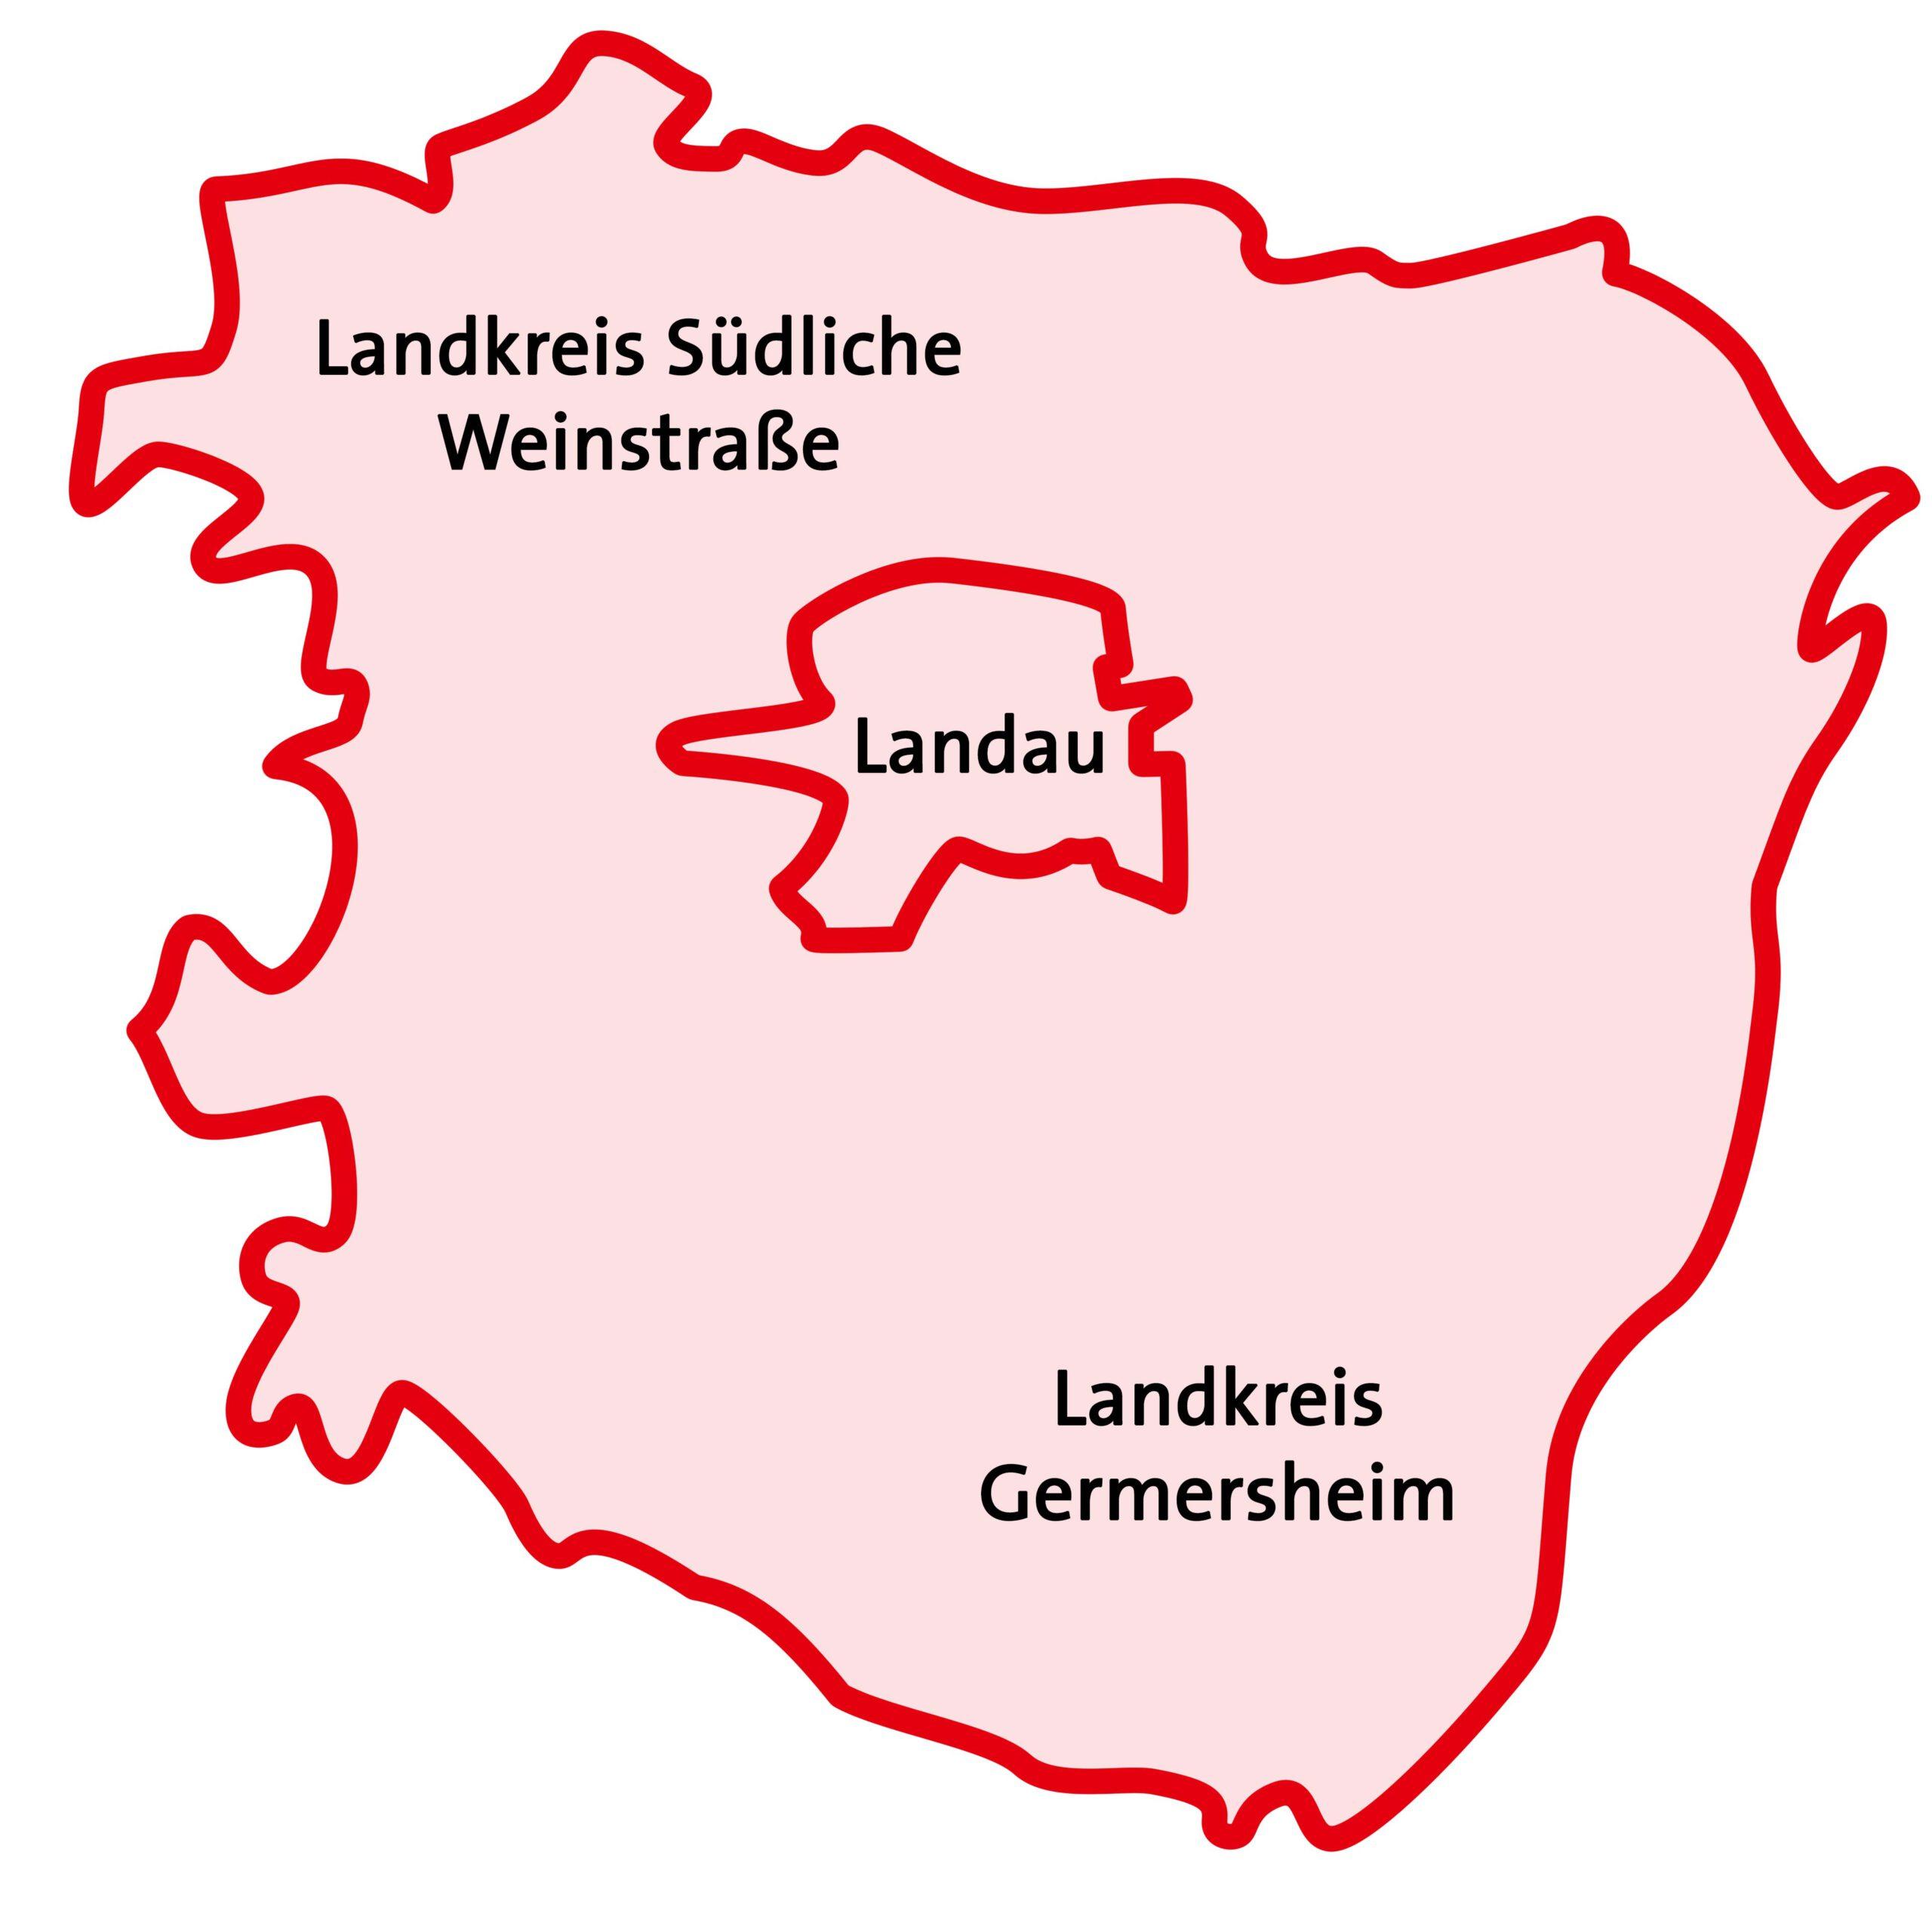 Karte des Landkreises schematisch, grafisch dargestellt.